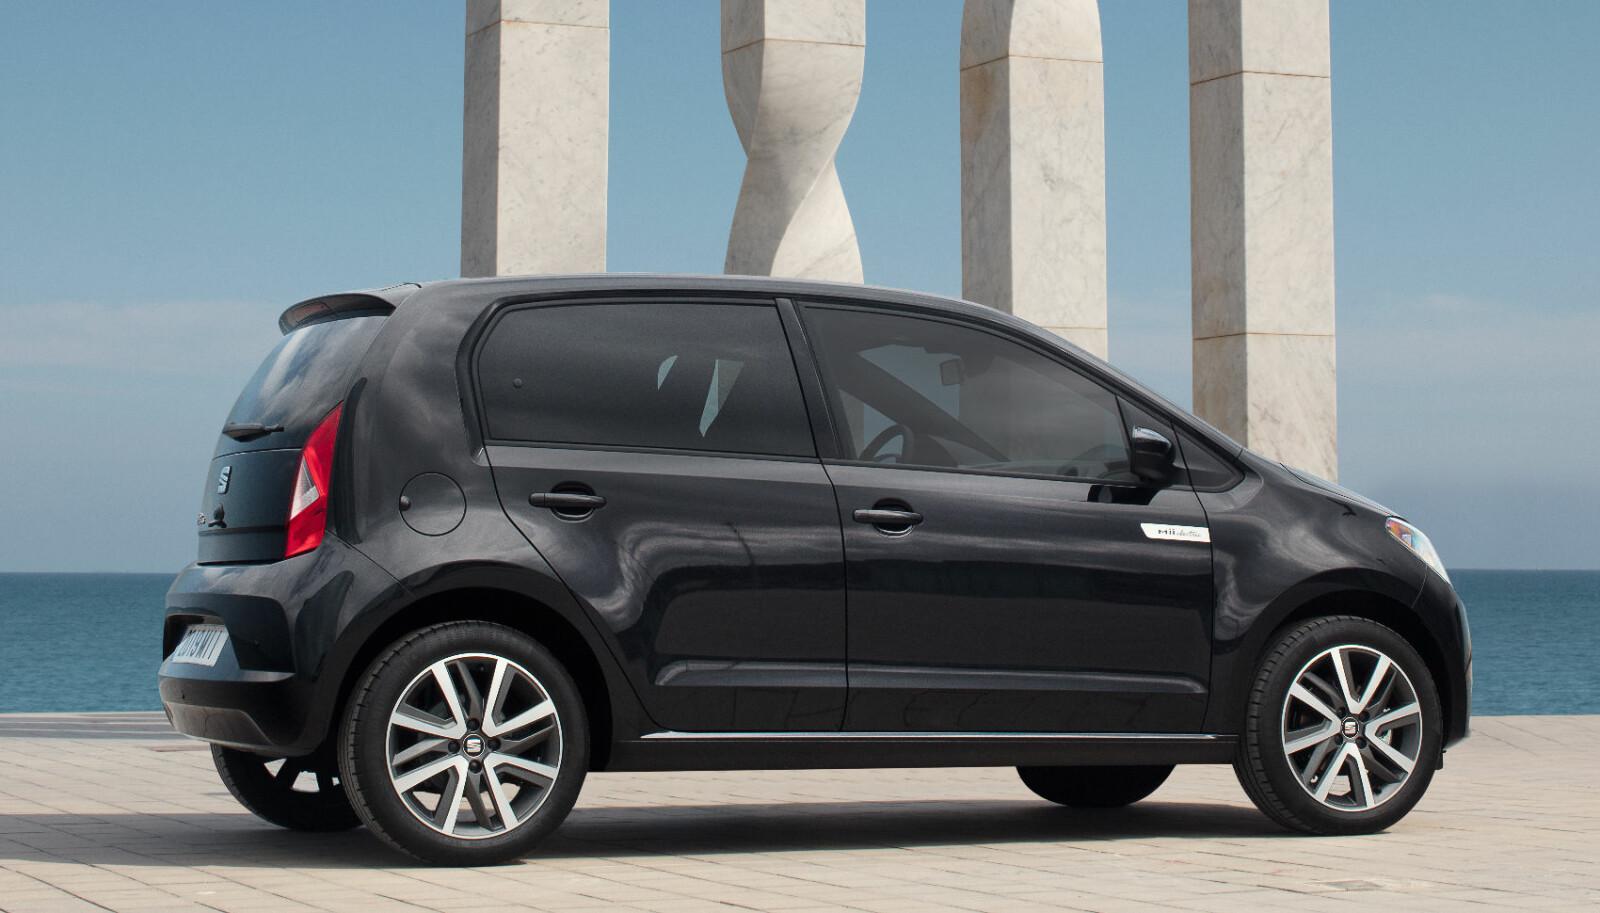 ELEKTRISK: Mii electric er en liten elbil på størrelse med slektningene VW e-up! og Skoda Citigo.